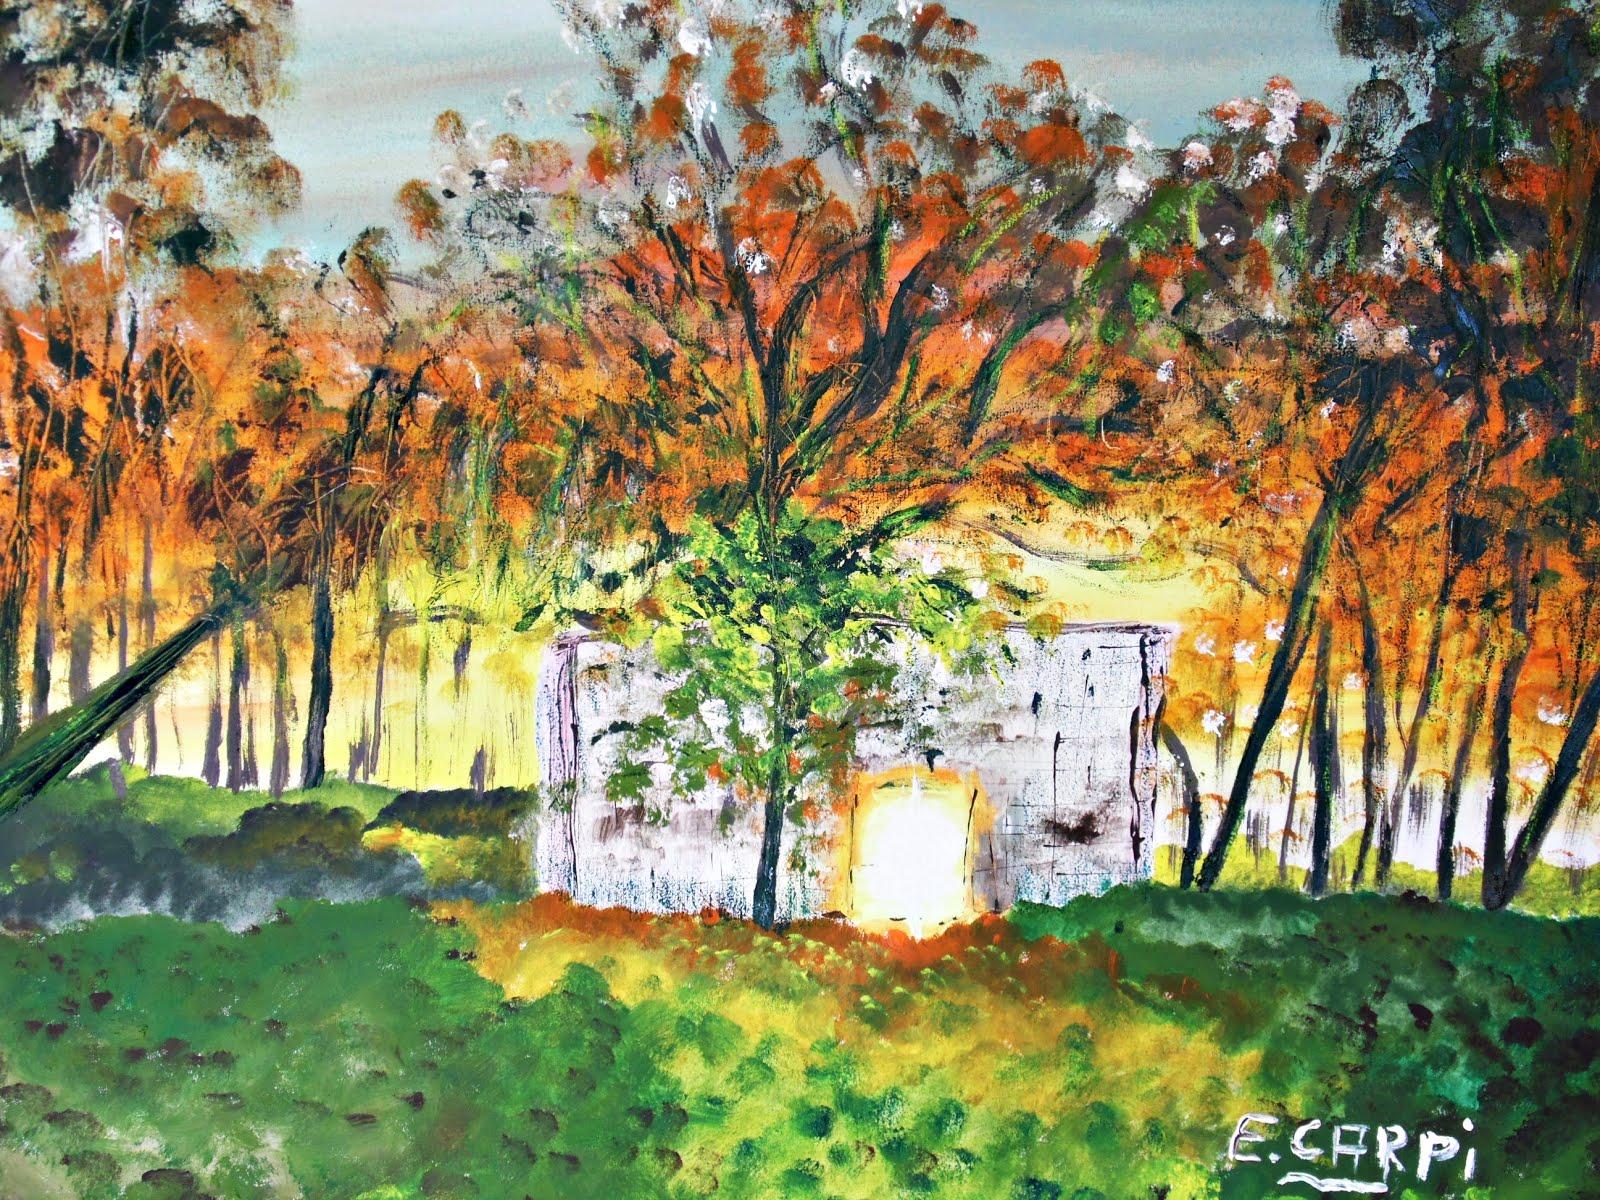 Etel Carpi, naturaleza y arte